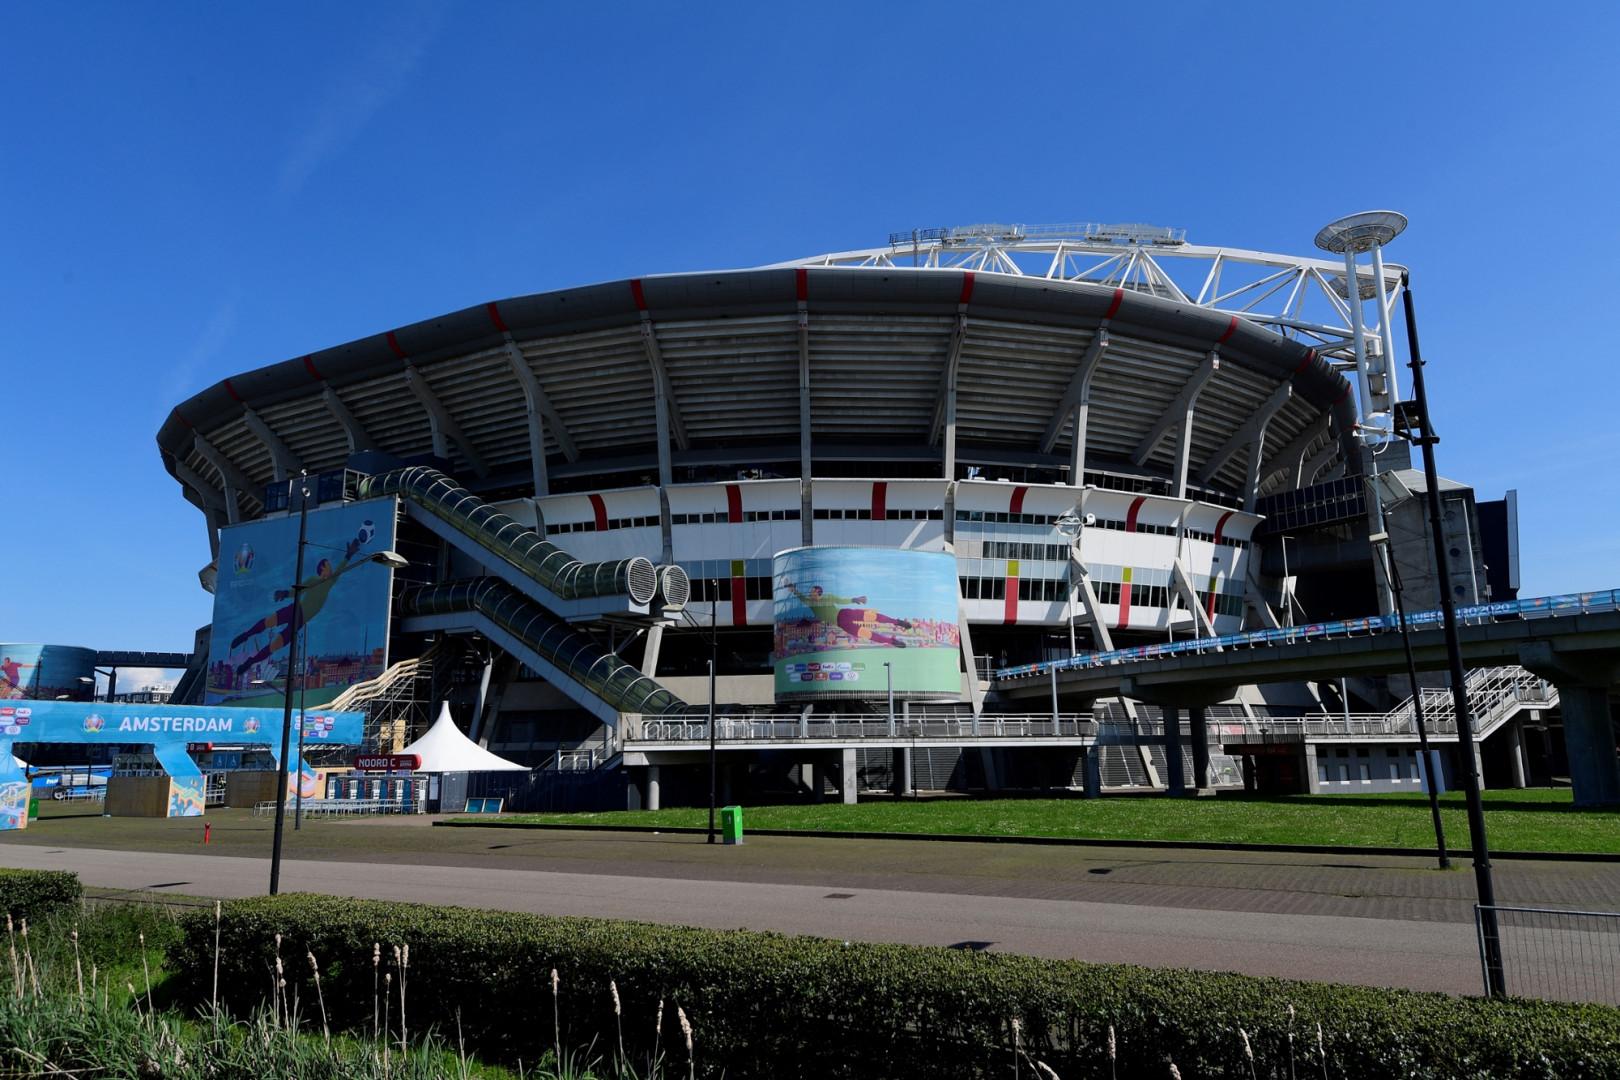 La Johan Curyff Arena de Amsterdam vue de l'extérieur en mai 2021